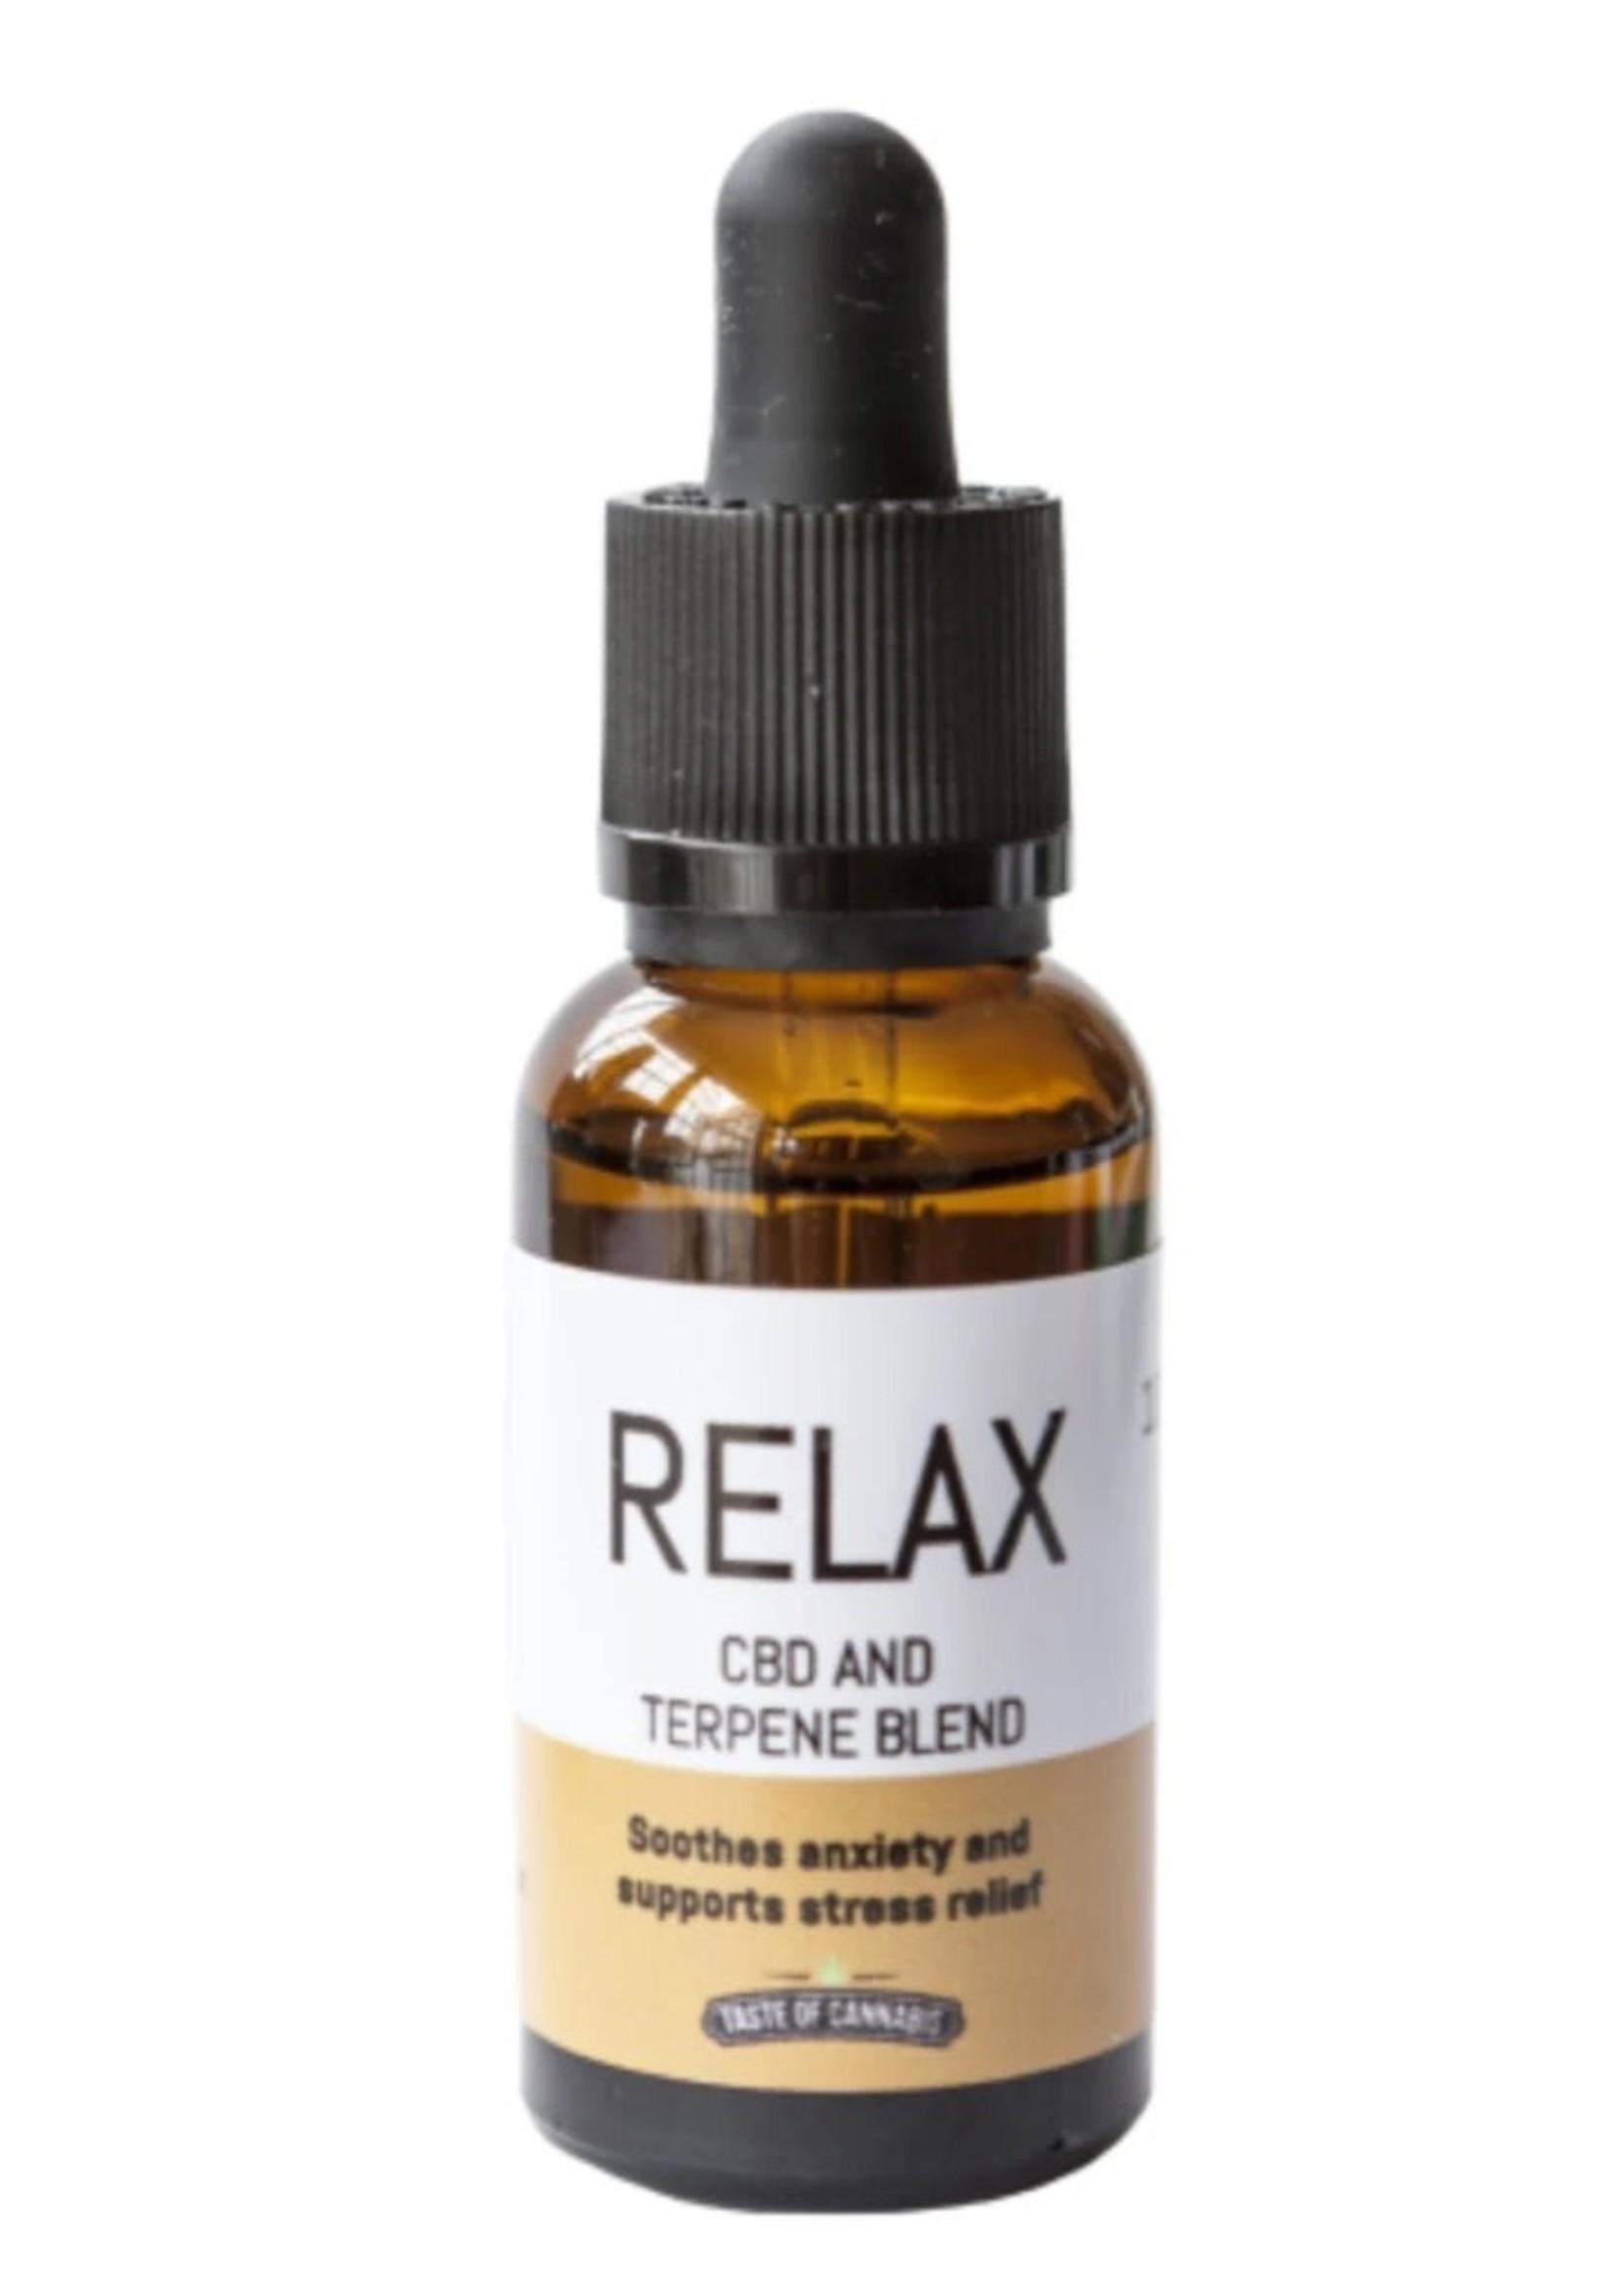 TOC CBD Full spectrum oil - relax 600mg